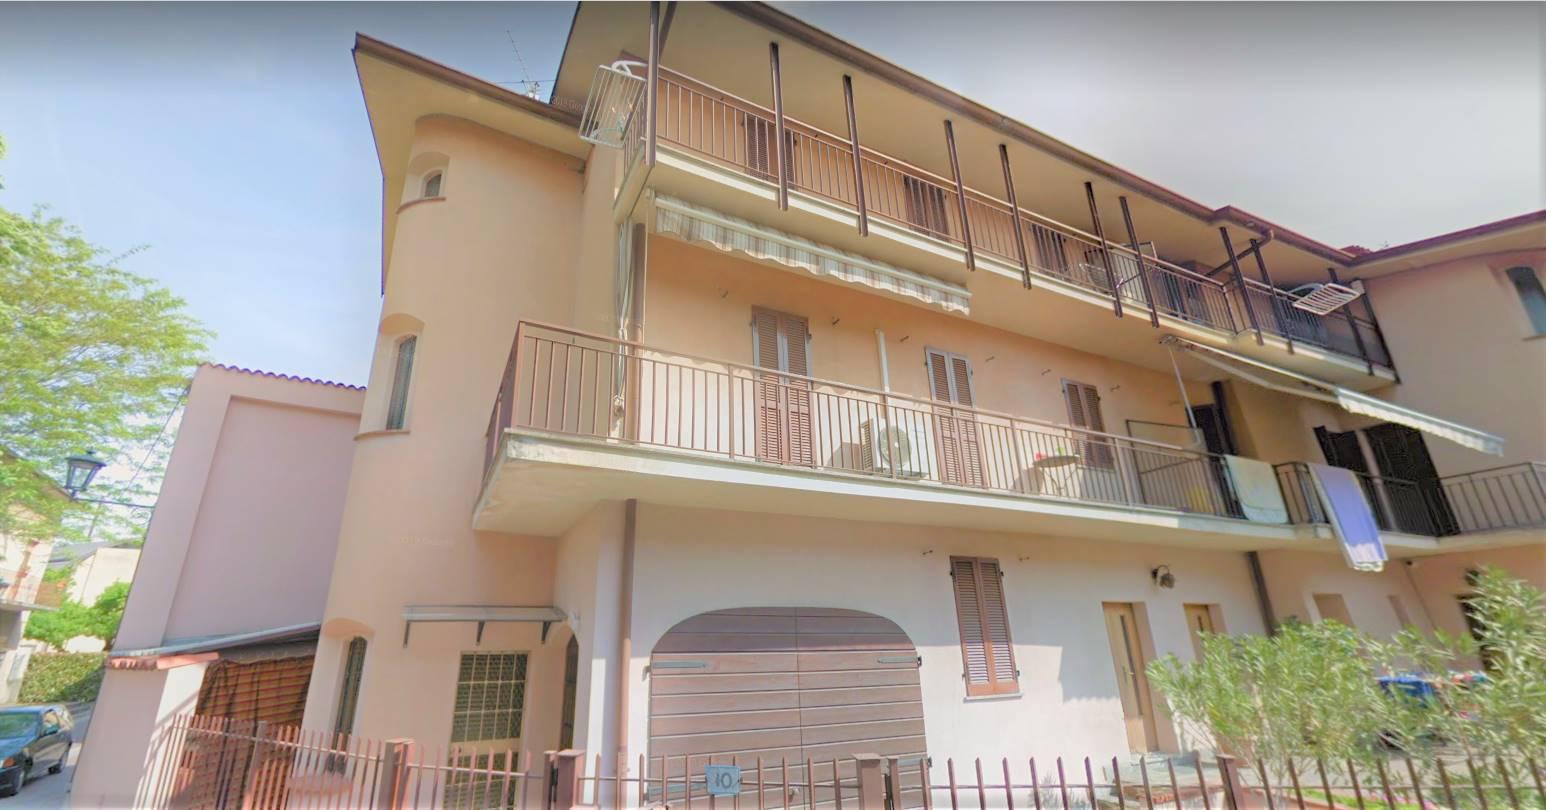 Appartamento in vendita a Verdello, 3 locali, prezzo € 67.000 | PortaleAgenzieImmobiliari.it